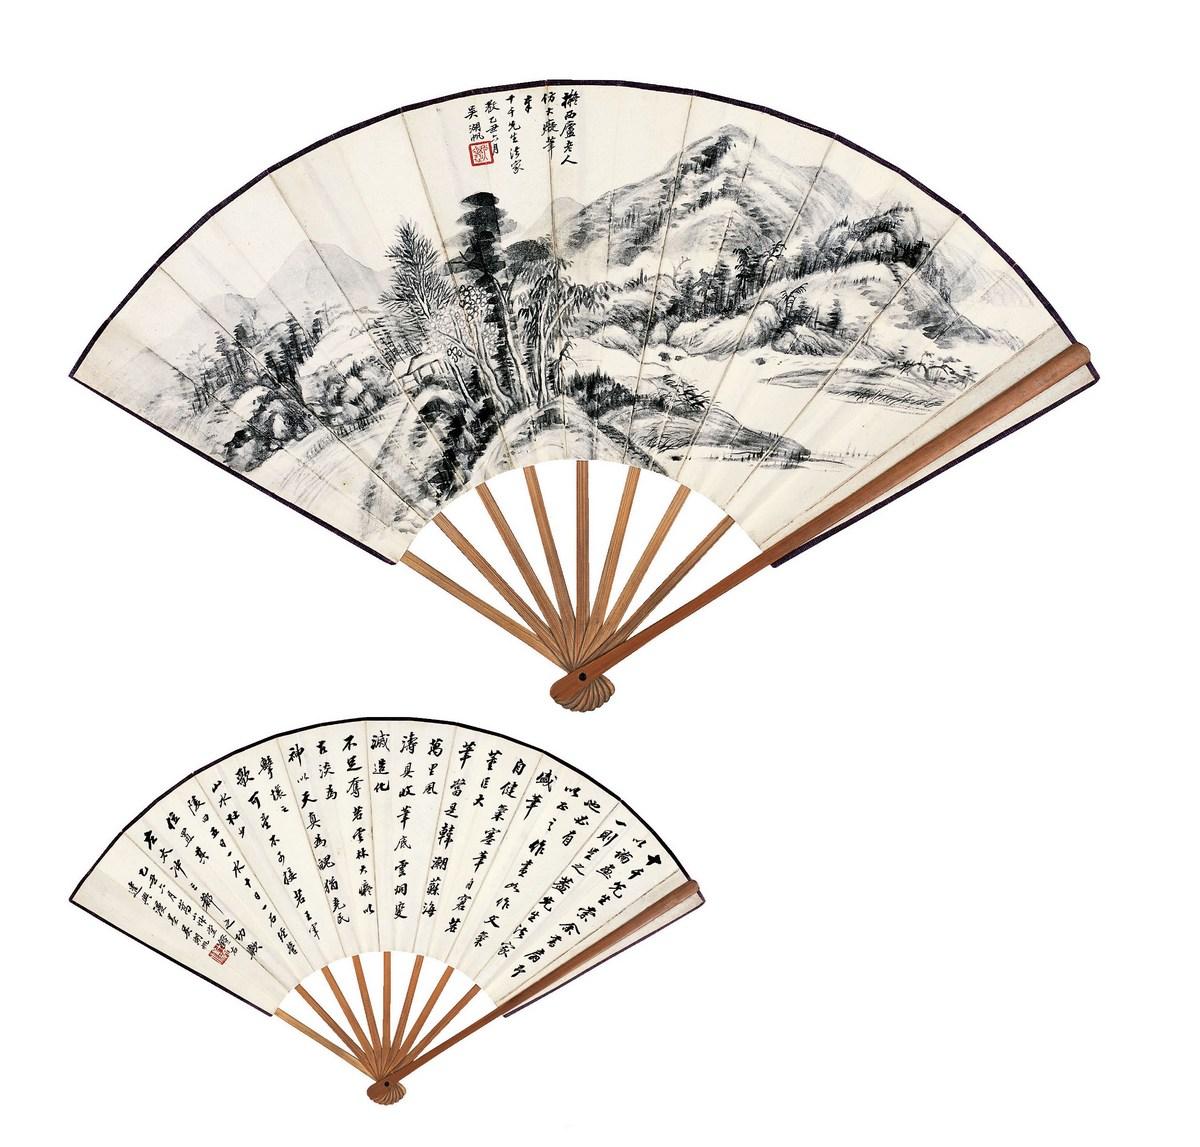 wu-hu-fan-calligraphy-fans.jpg